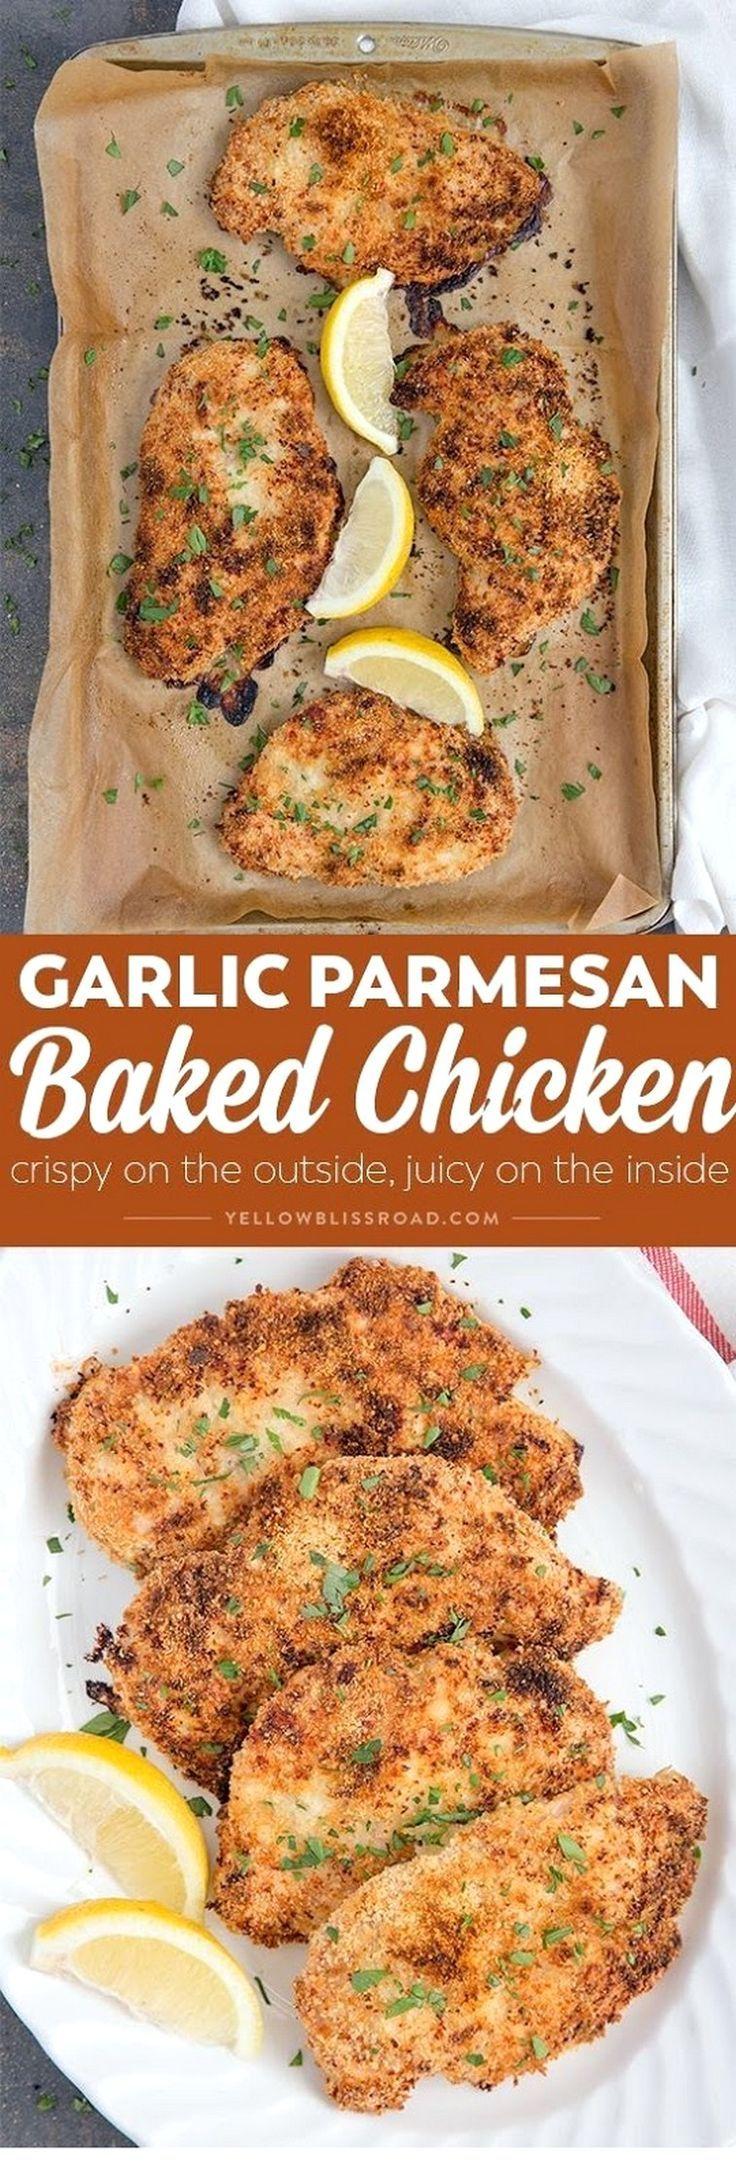 Crispy Garlic Parmesan Baked Chicken   Chicken Recipes - Essen & Trinken - Gesund und lecker?! eat and drink - healthy and tasty! -